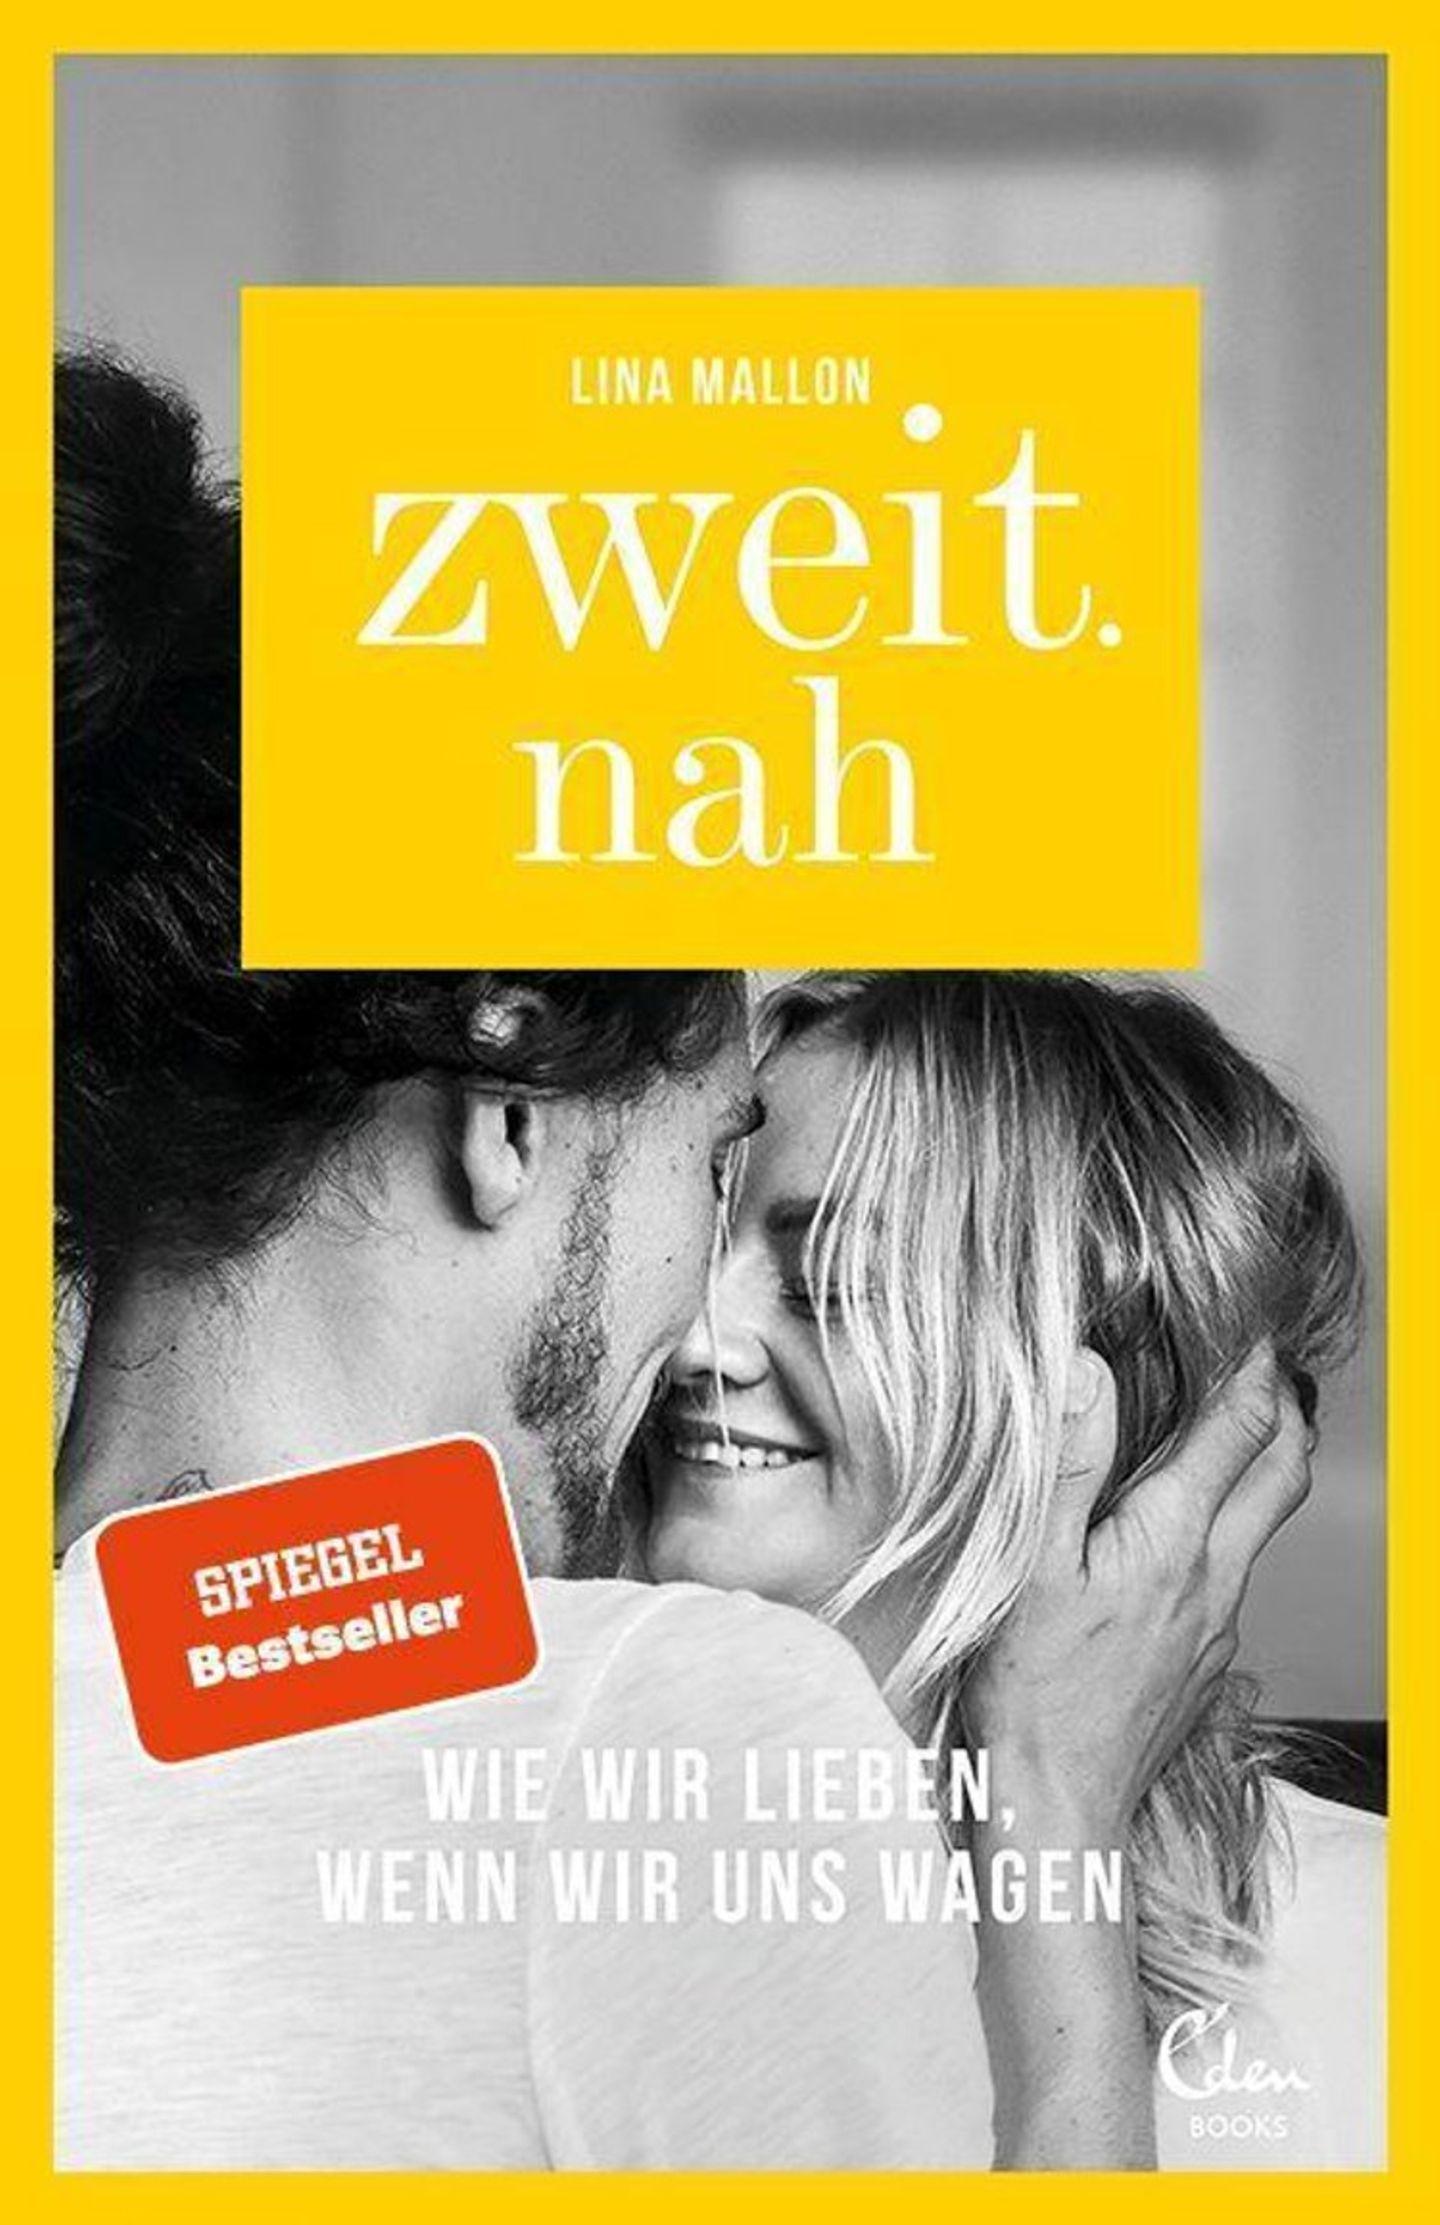 """Urlaubslektüre: """"zweit.nah"""" von Lina Mallon"""